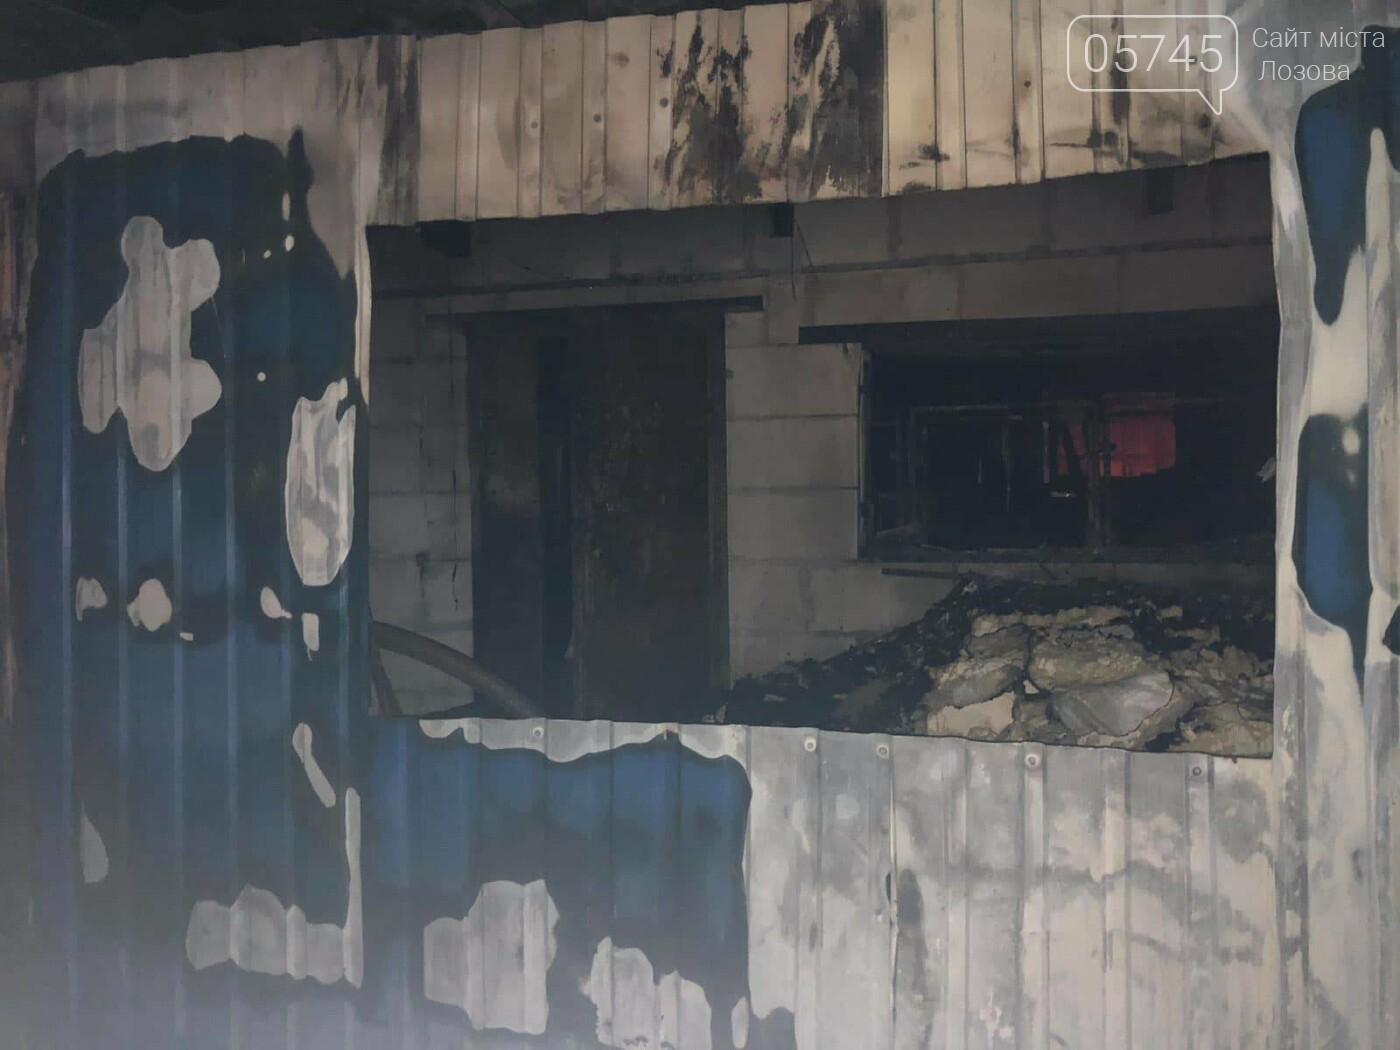 На Лозовщине горел склад фермерского хозяйства: от гибели спасли 150 коров, фото-1